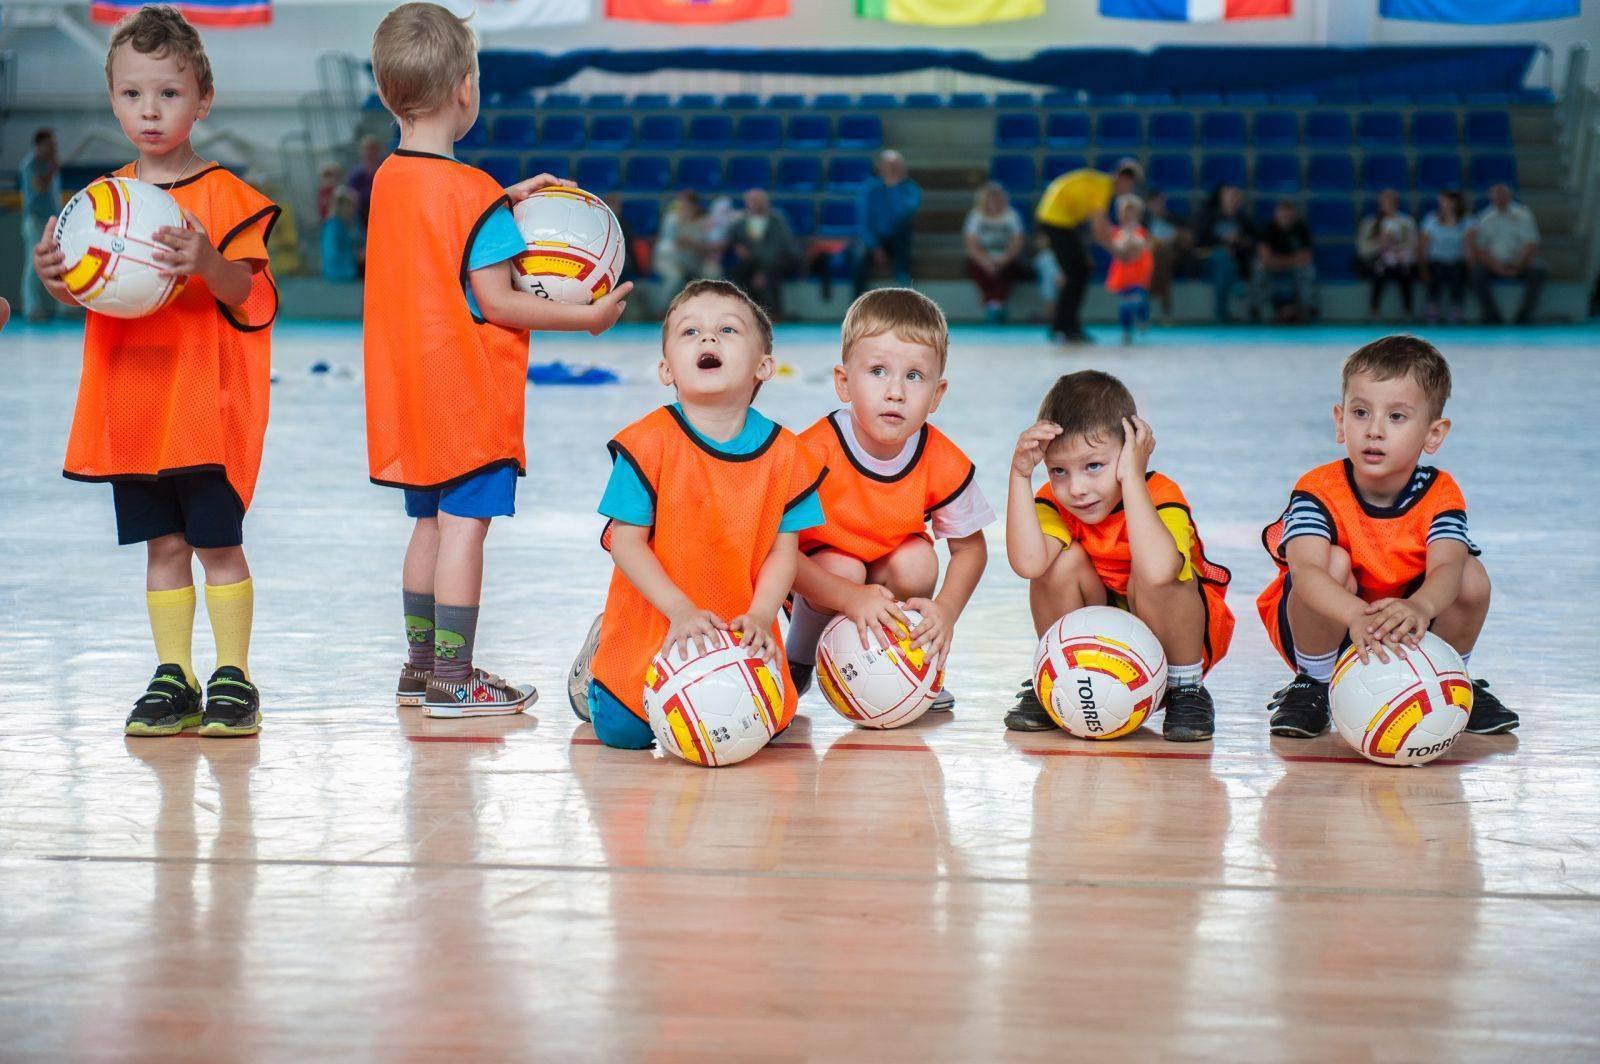 Кружки и секции  для детей в санкт-петербурге. куда отдать ребенка